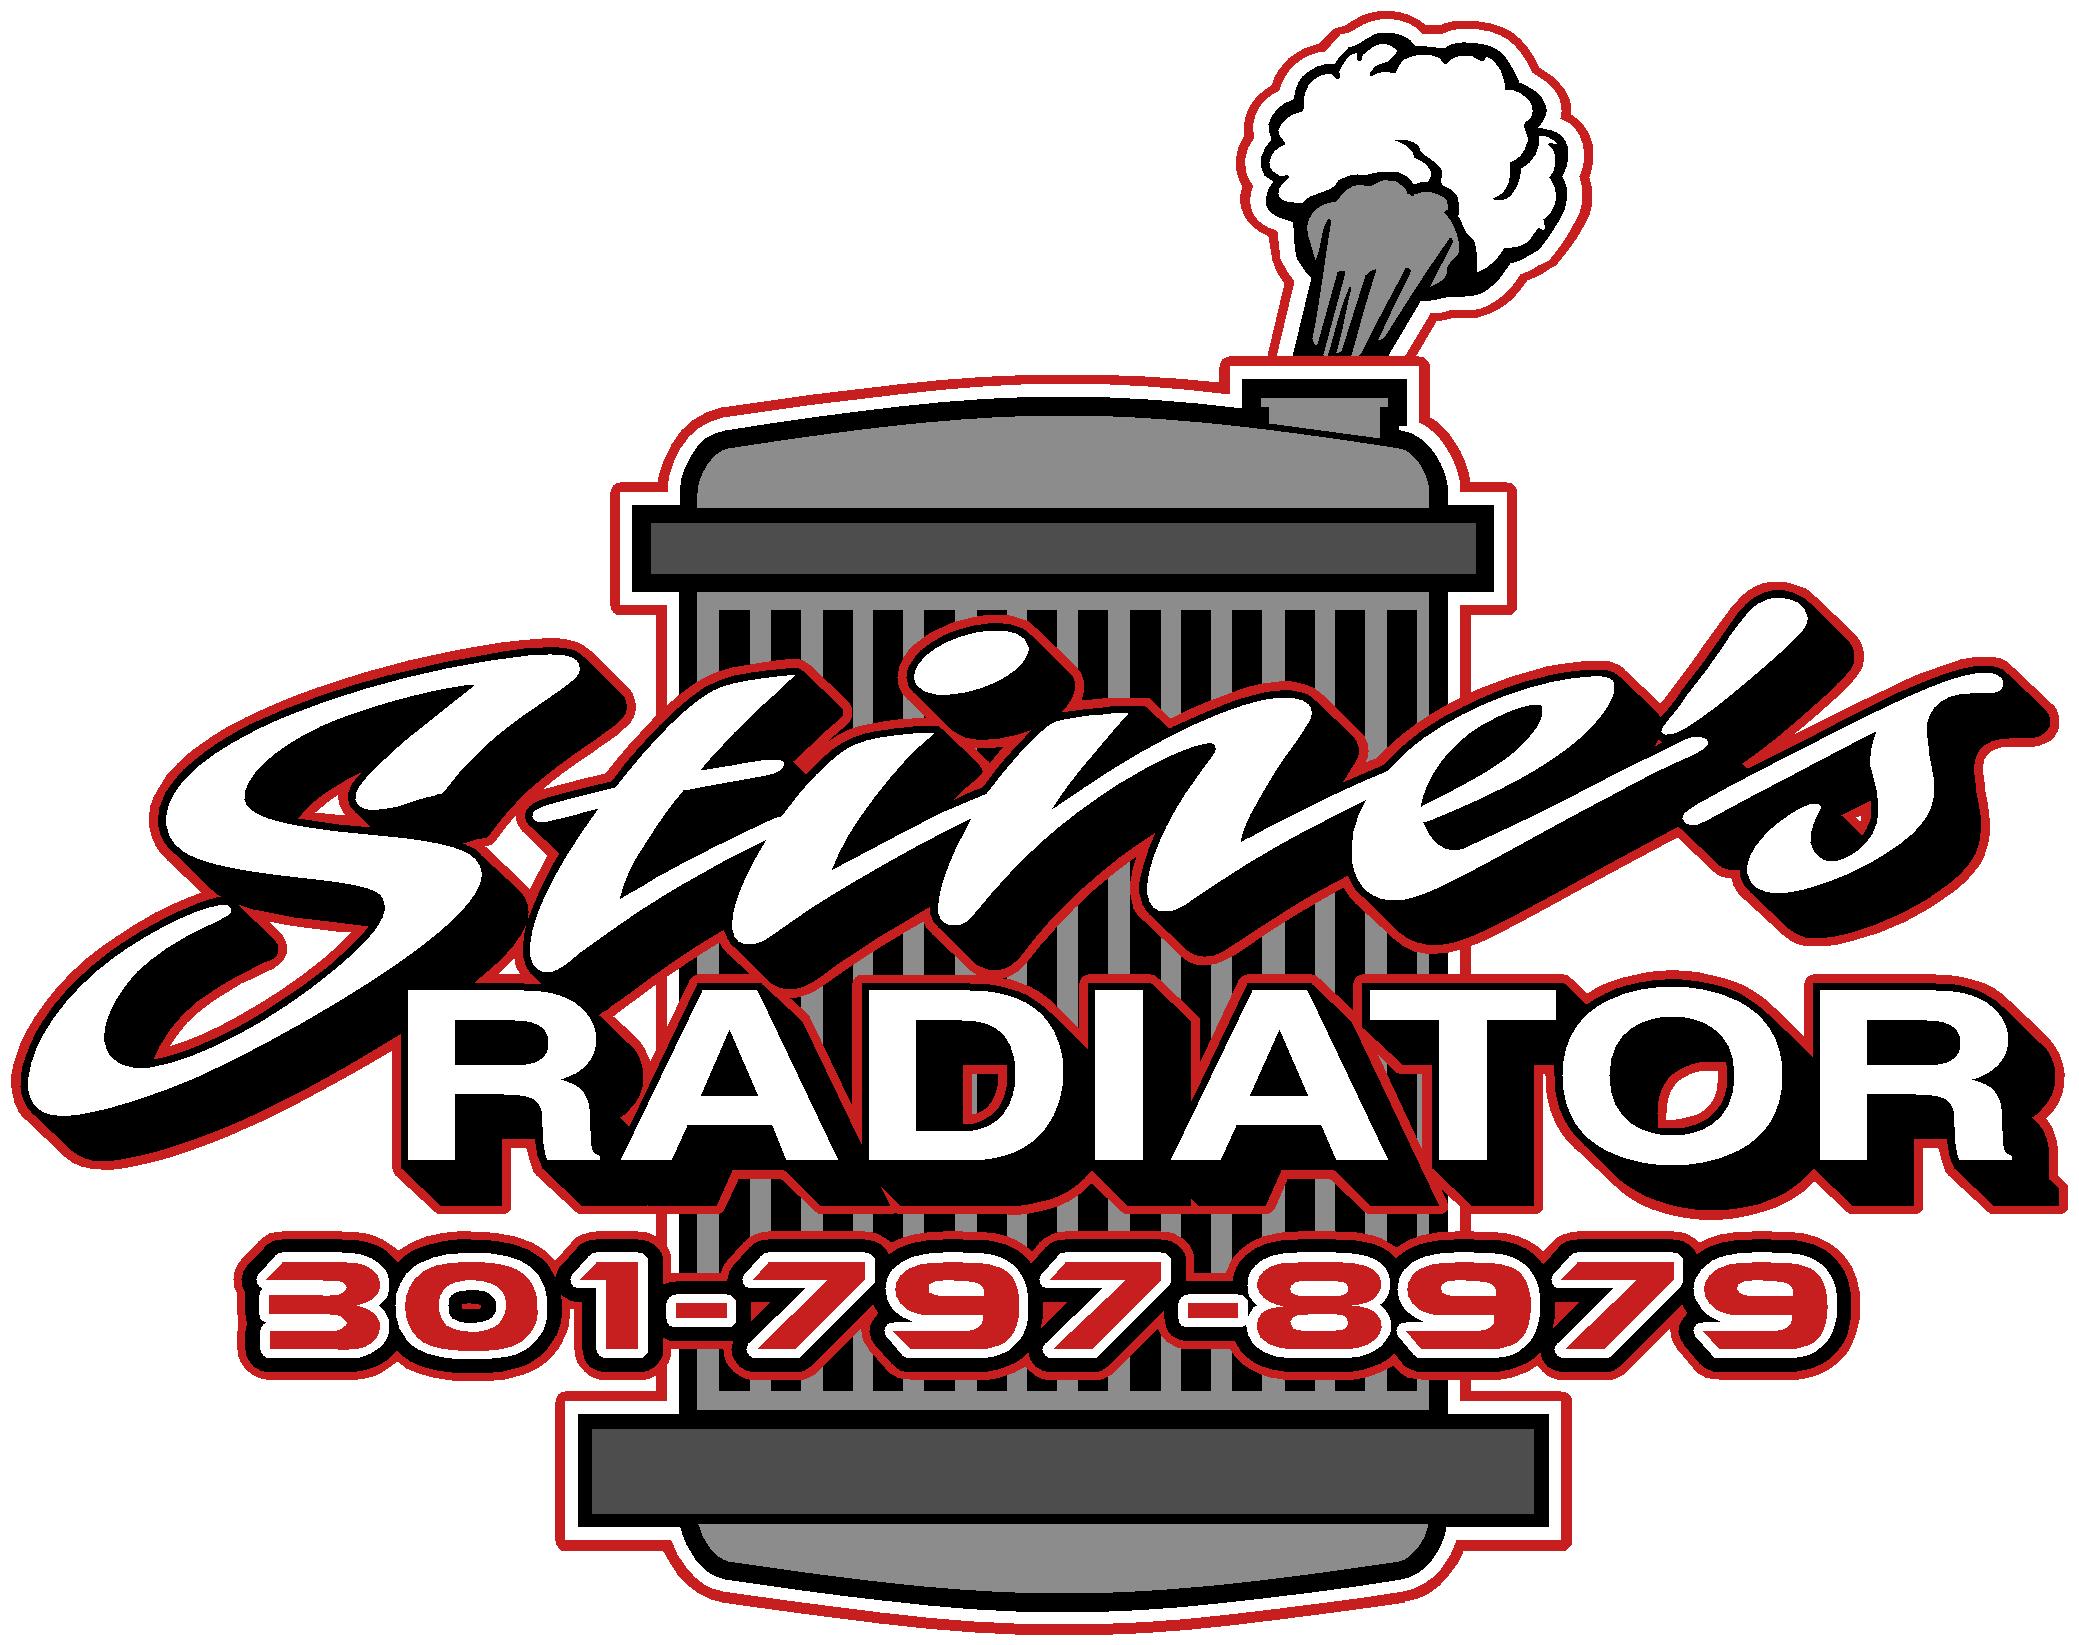 Stine's Radiator